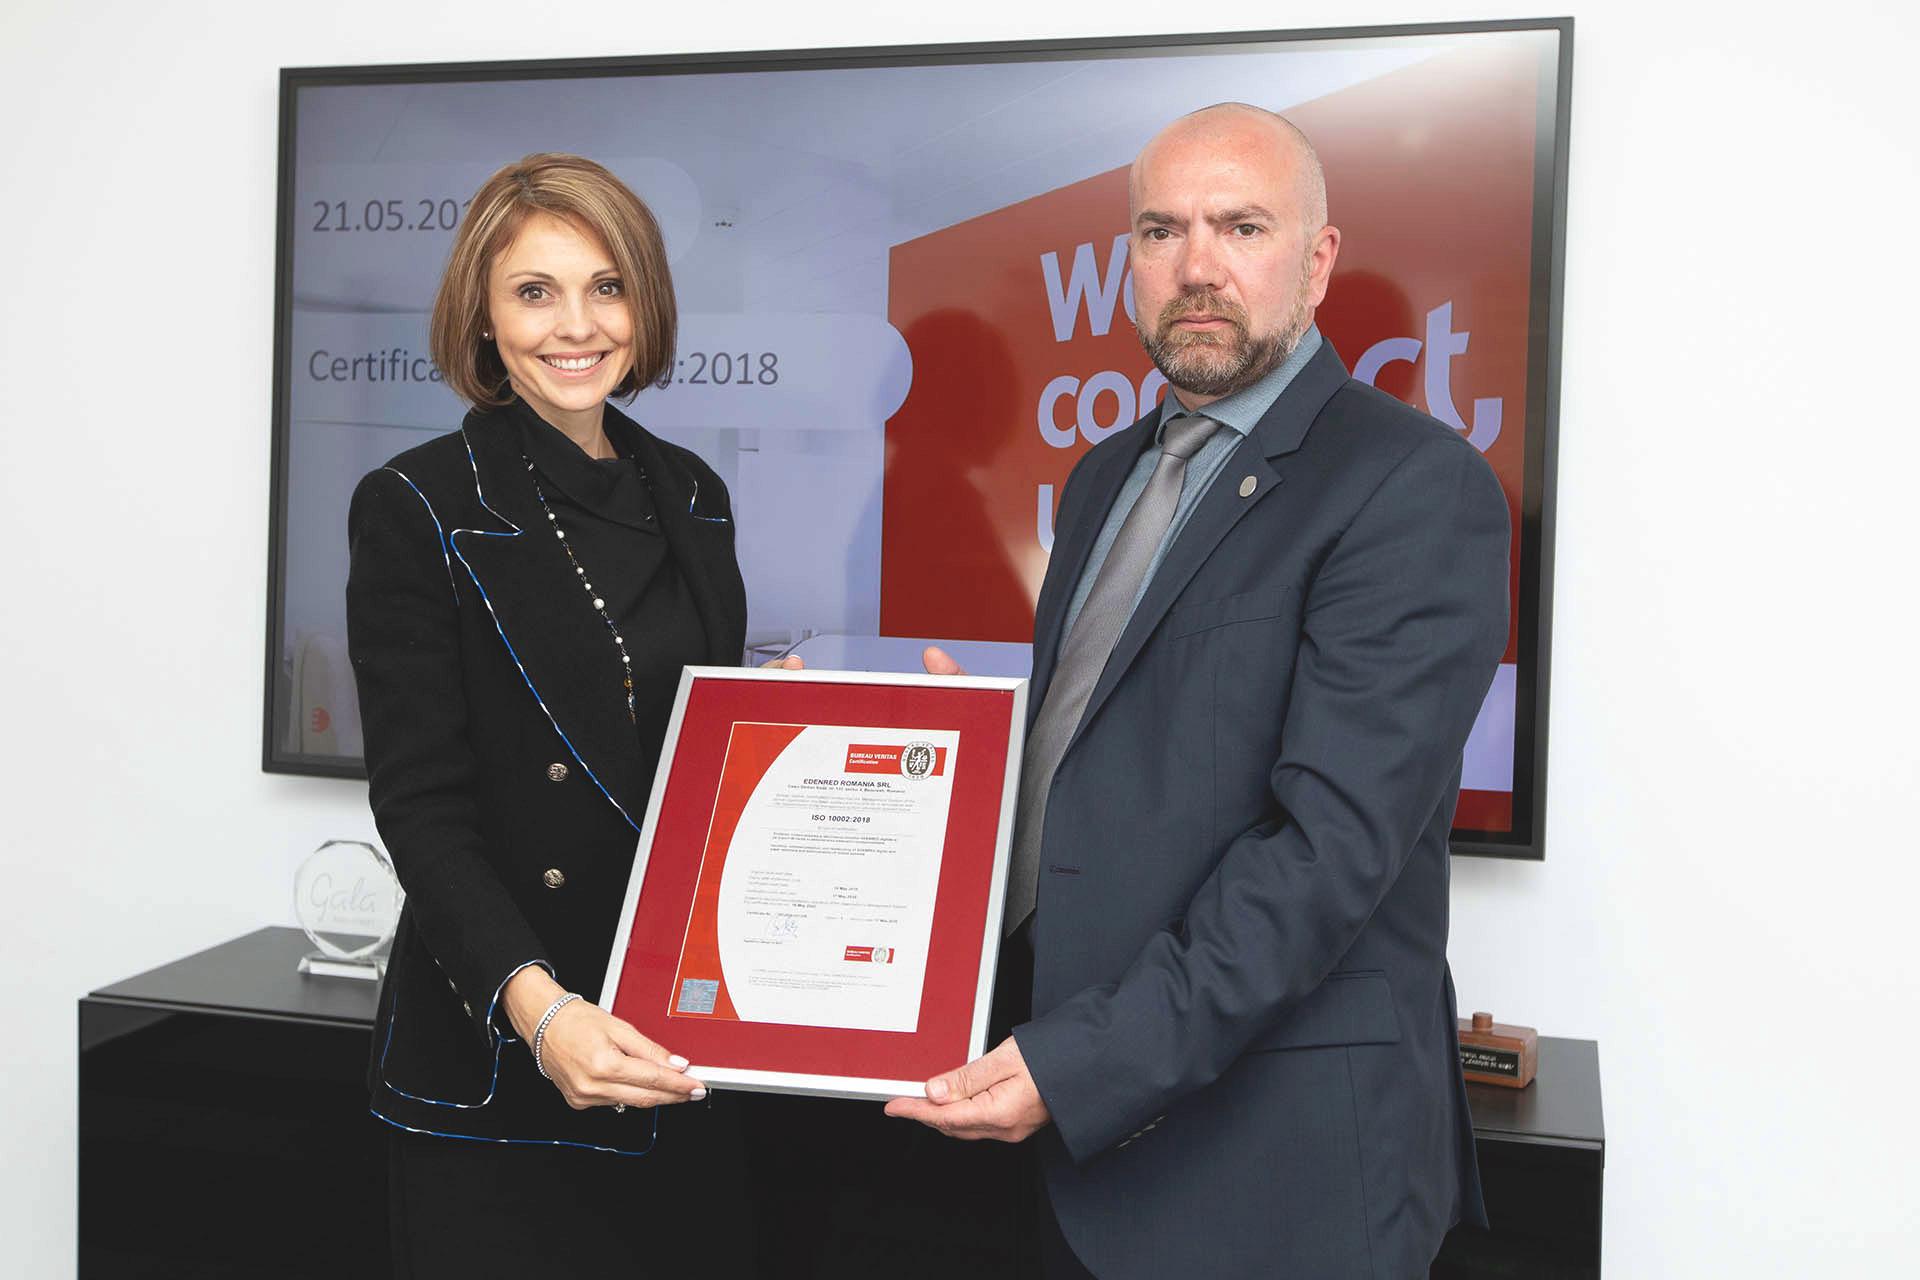 Alexandru Vidu, CEO Bureau Veritas Romania & Dana Sintejudean, CEO Edenred Romania.